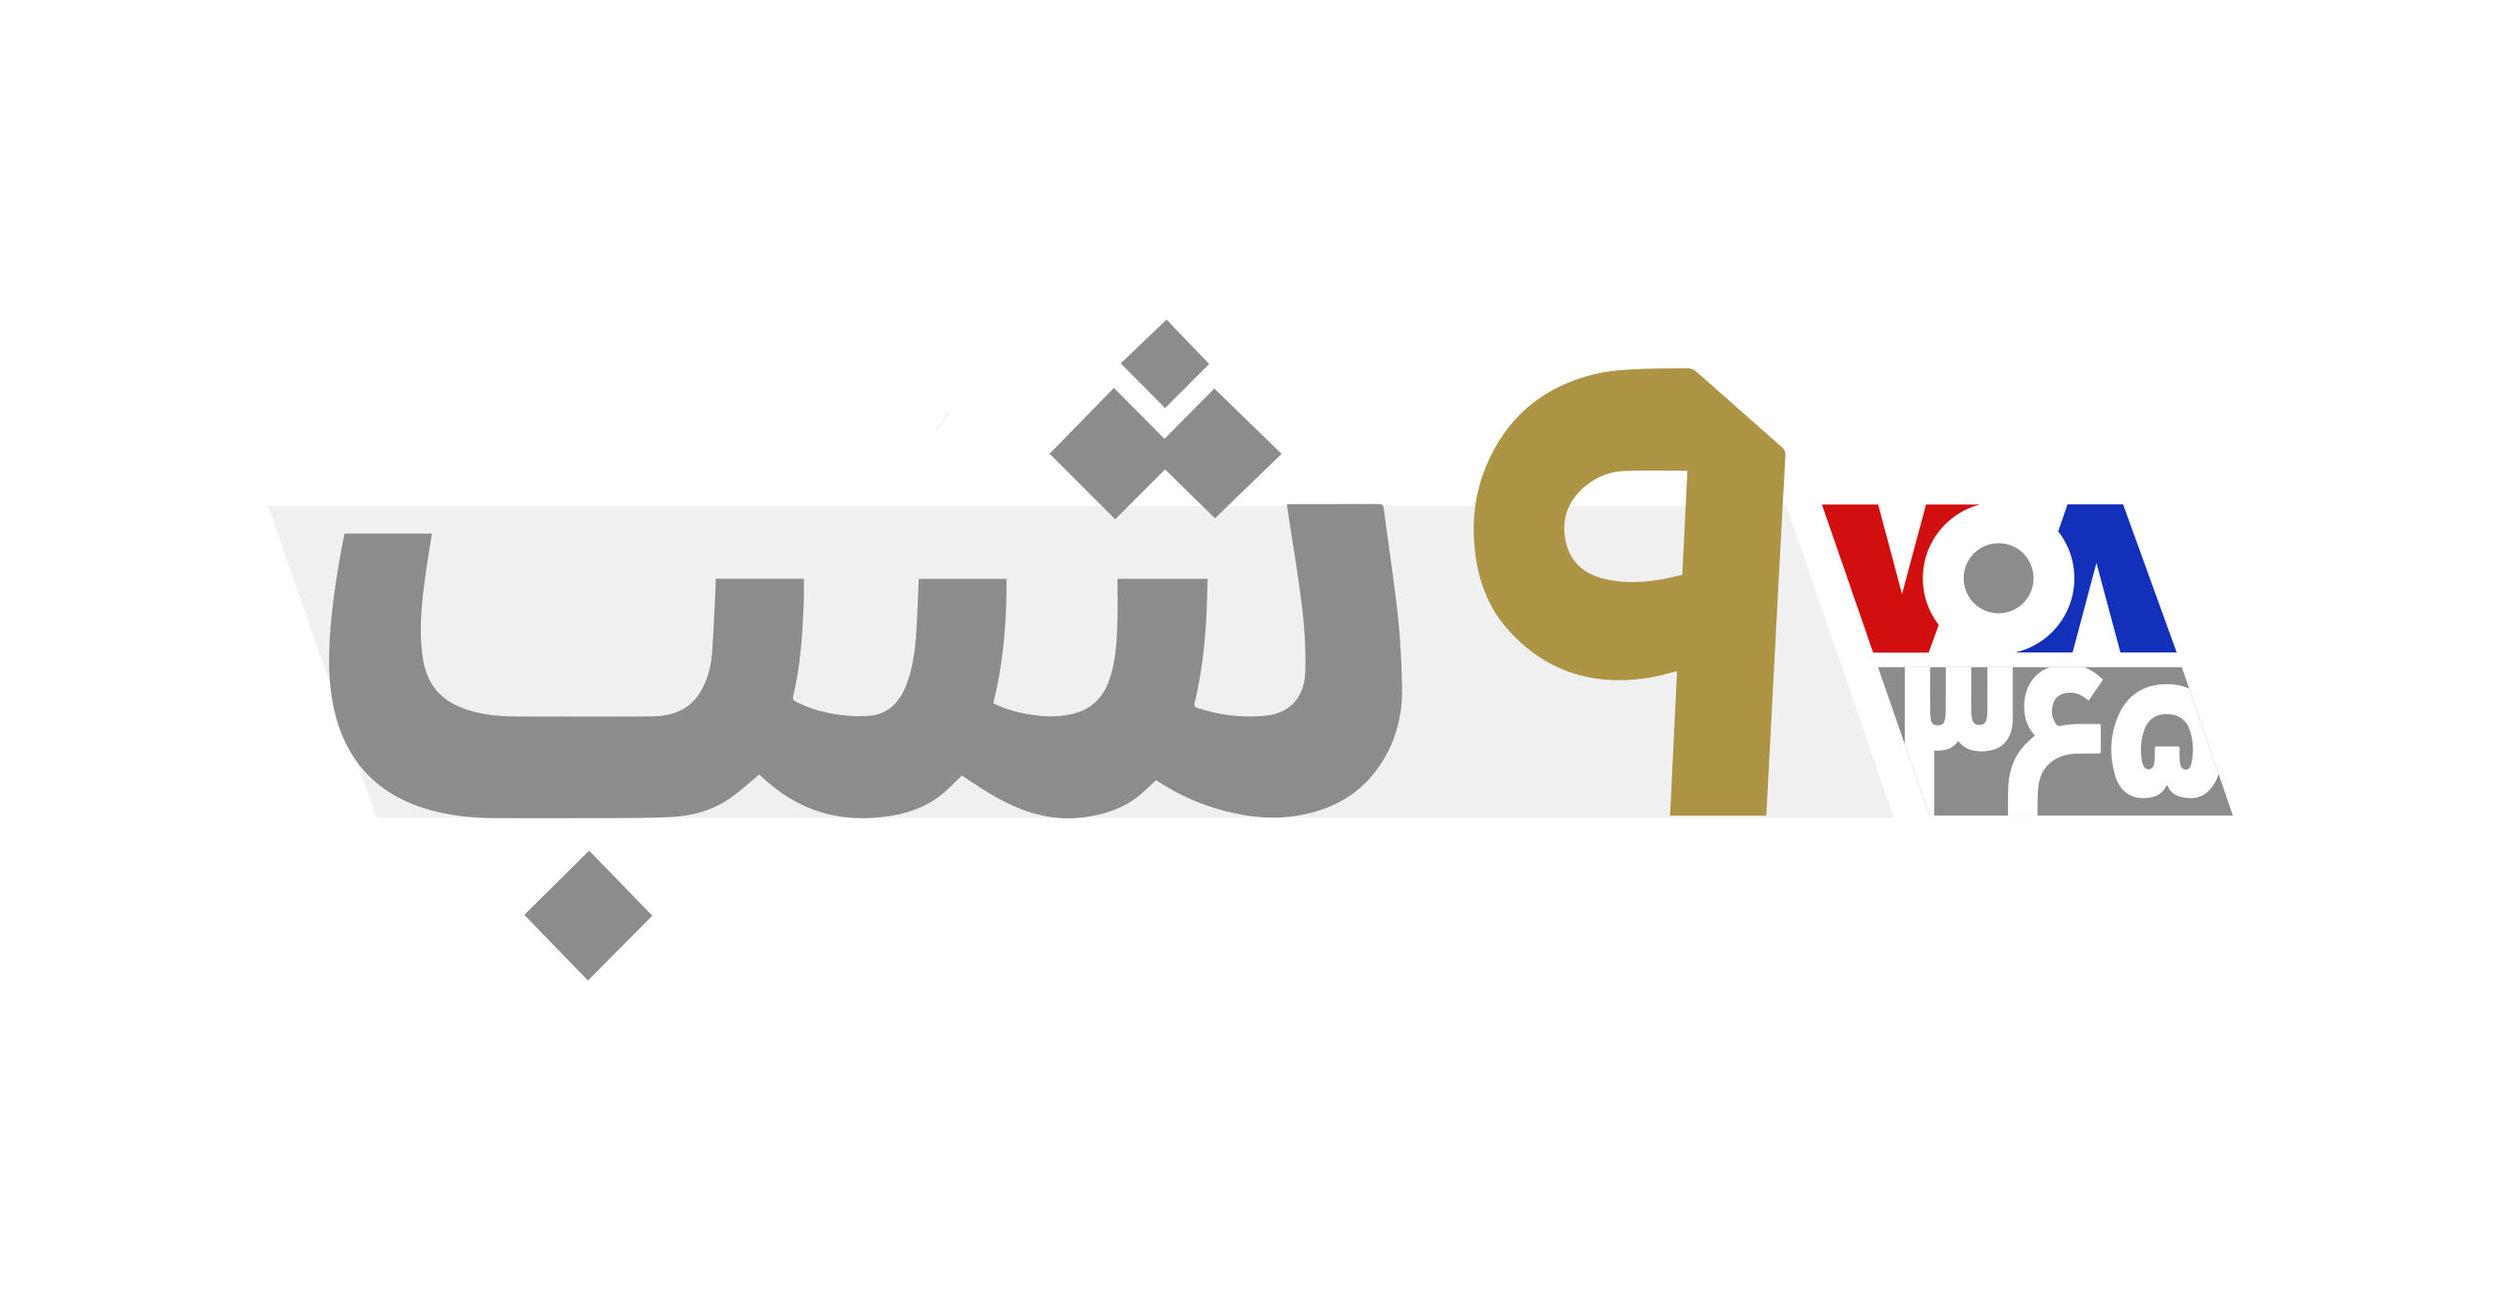 VOA_N9_02_LOGO_WIP03.jpg